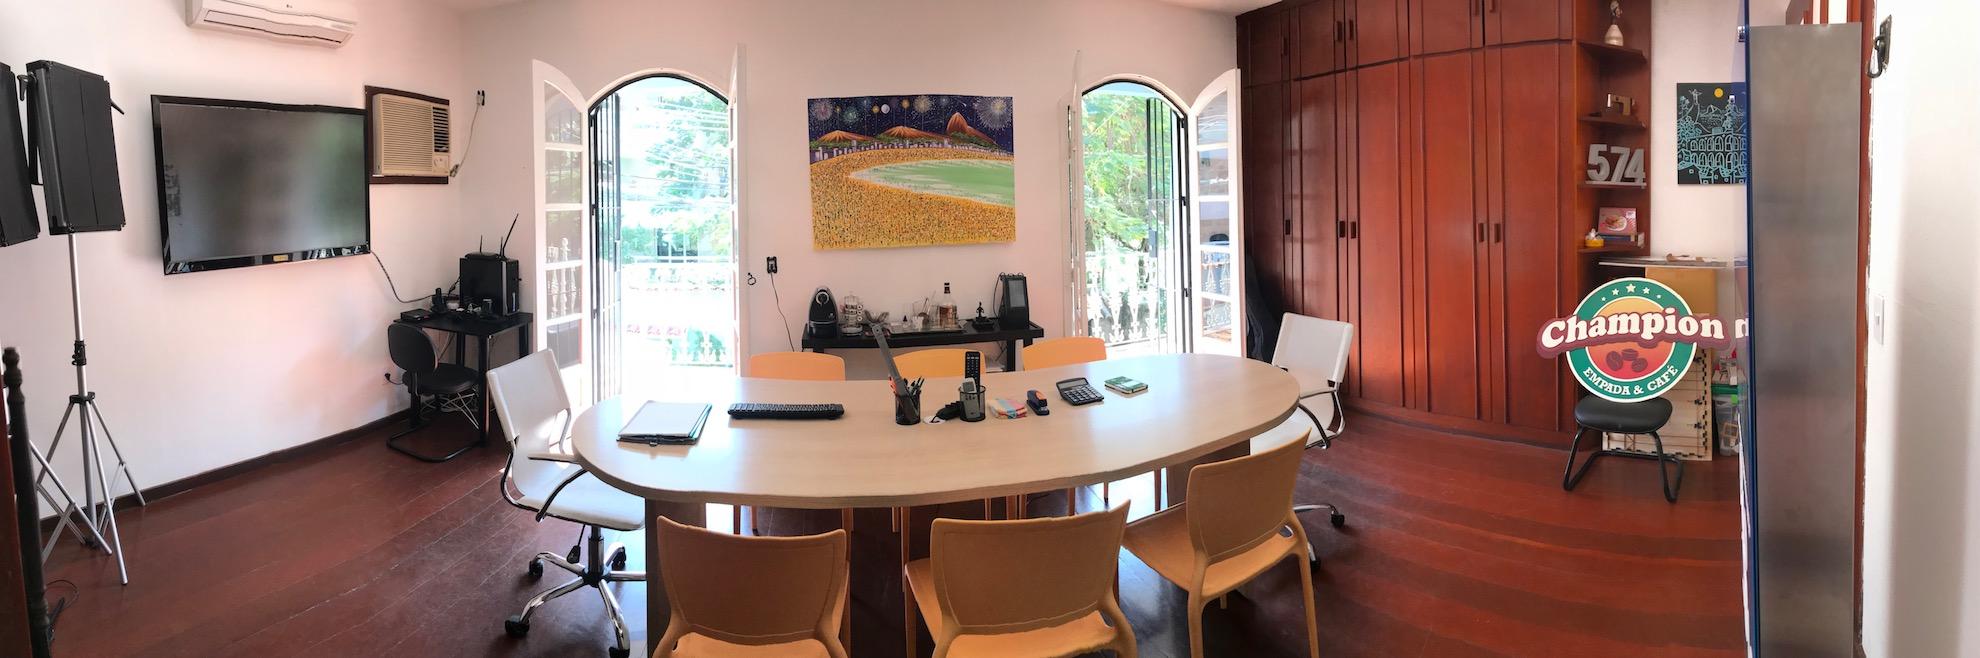 Sala de Reunião Cia.Duarte